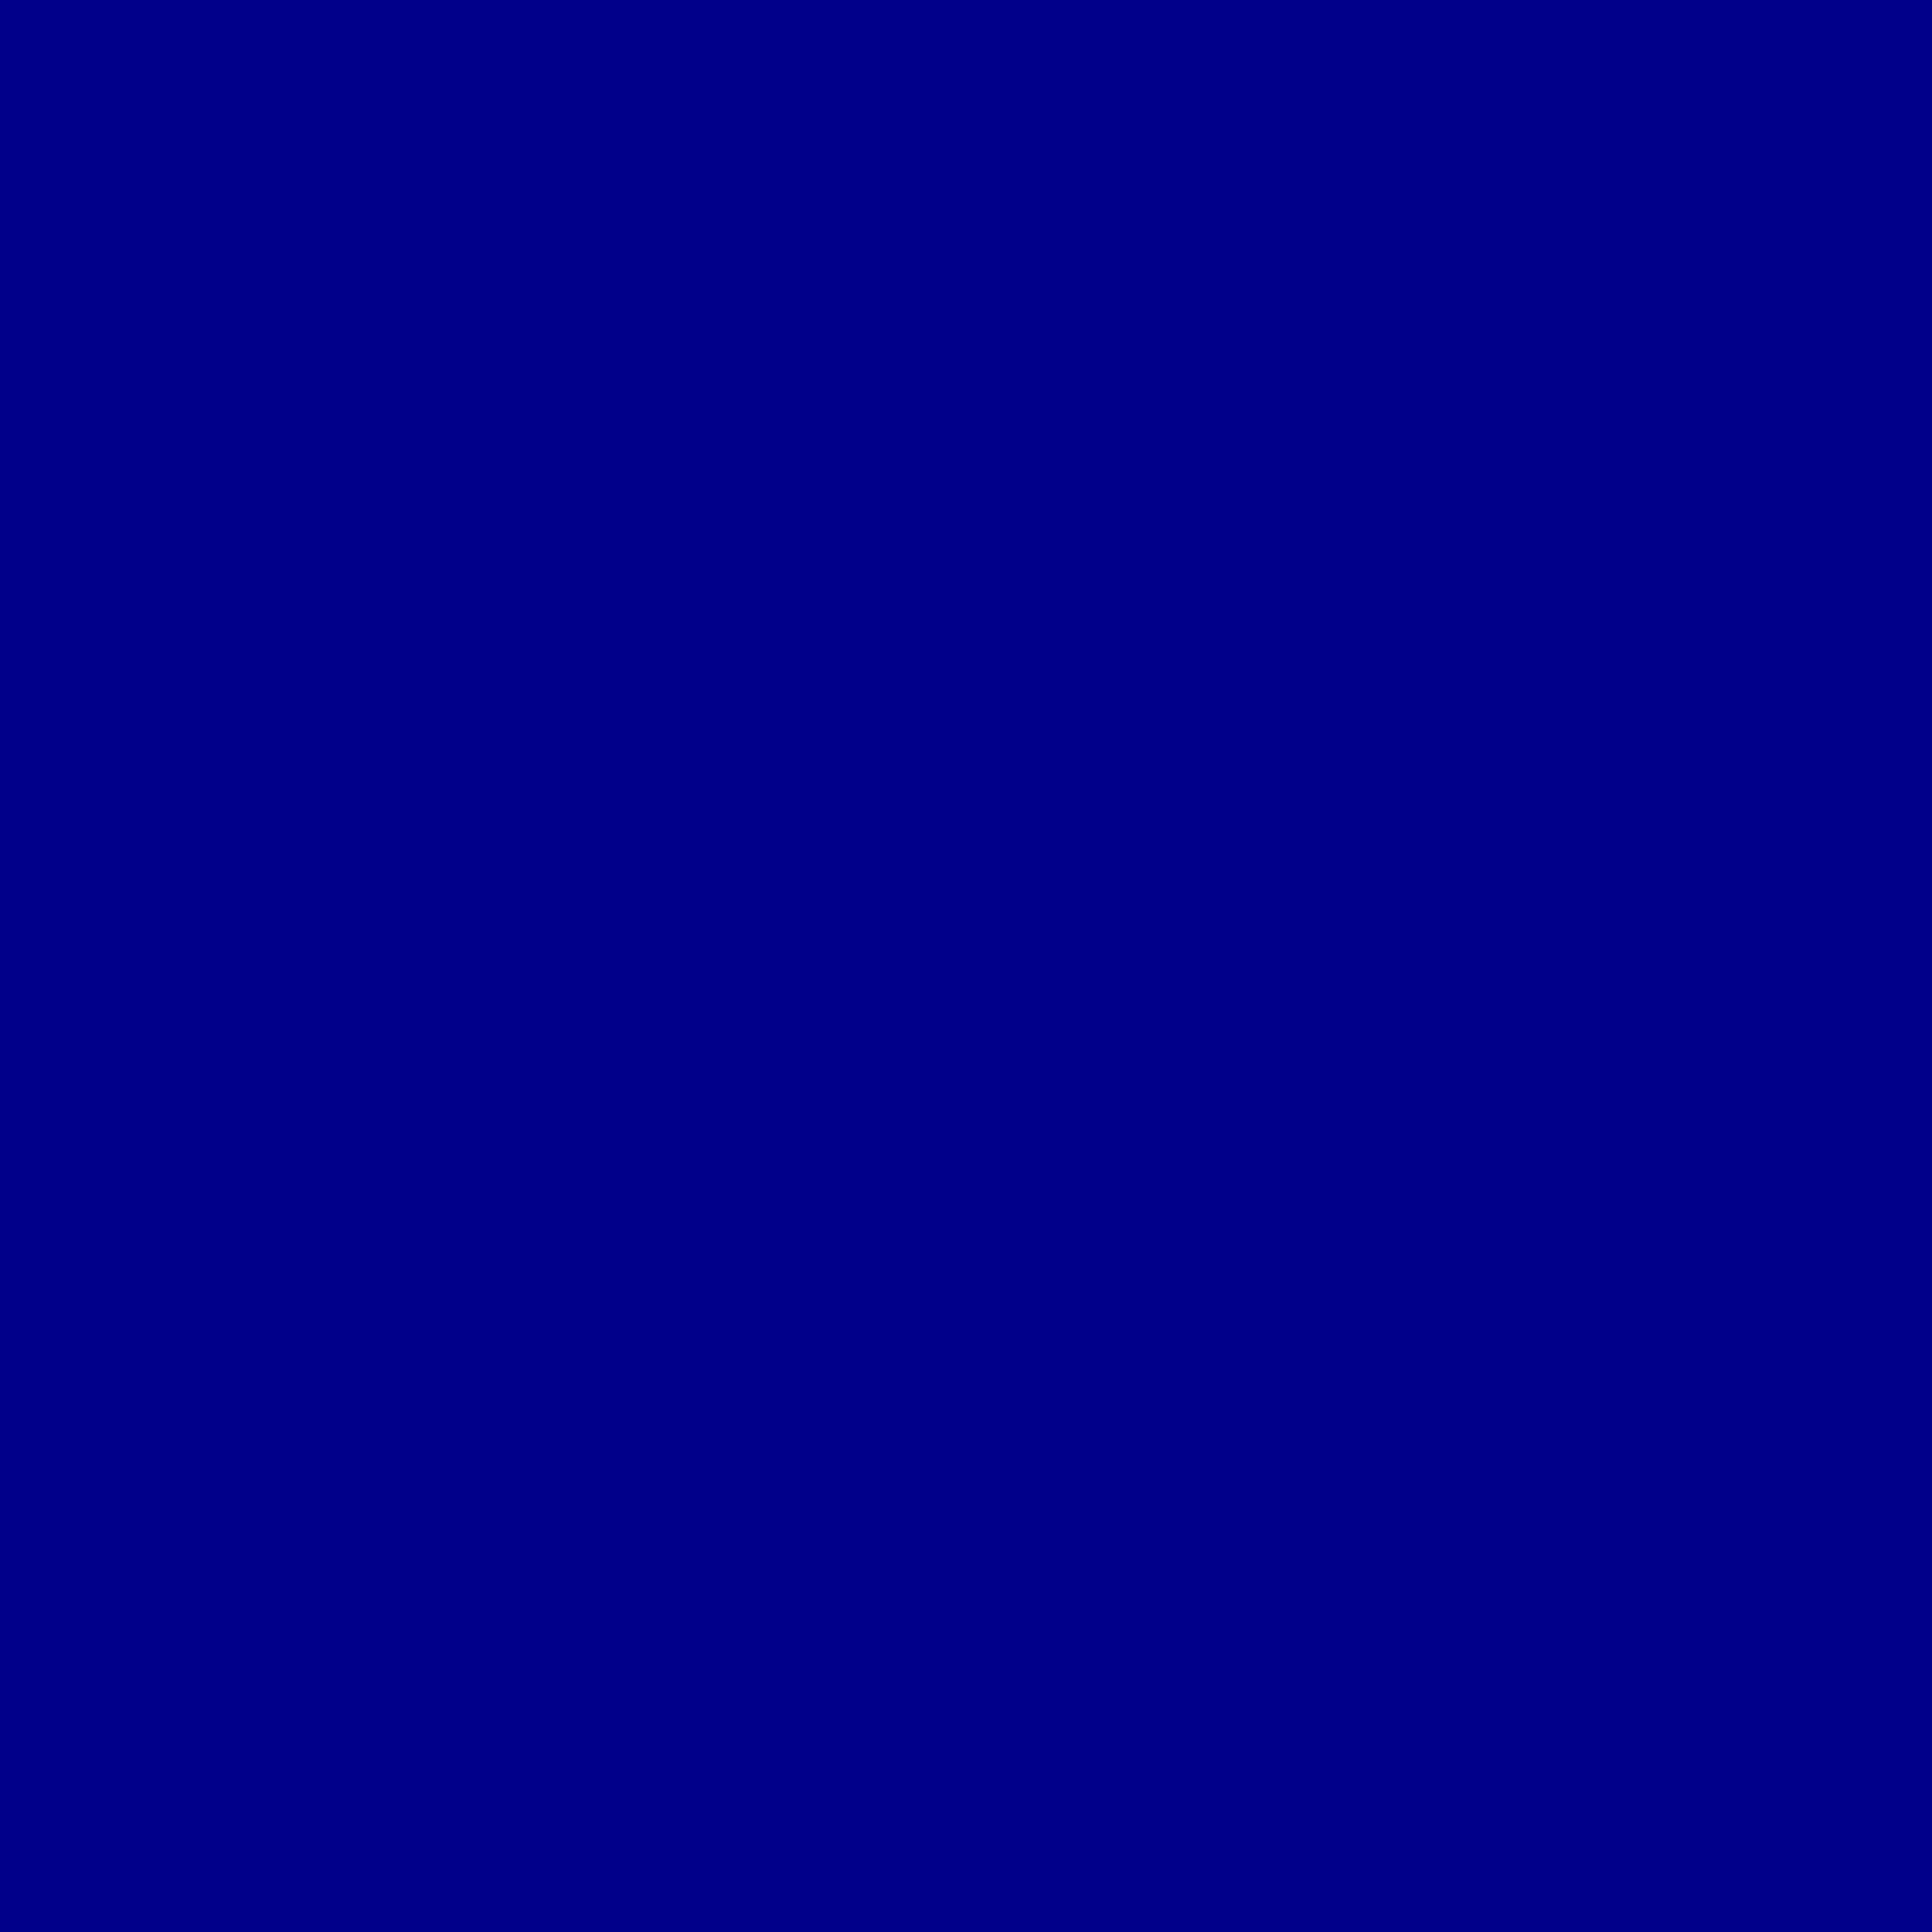 Solid Dark Blue Background Wallpaper 2048x2048 Dark Blue Solid 2048x2048